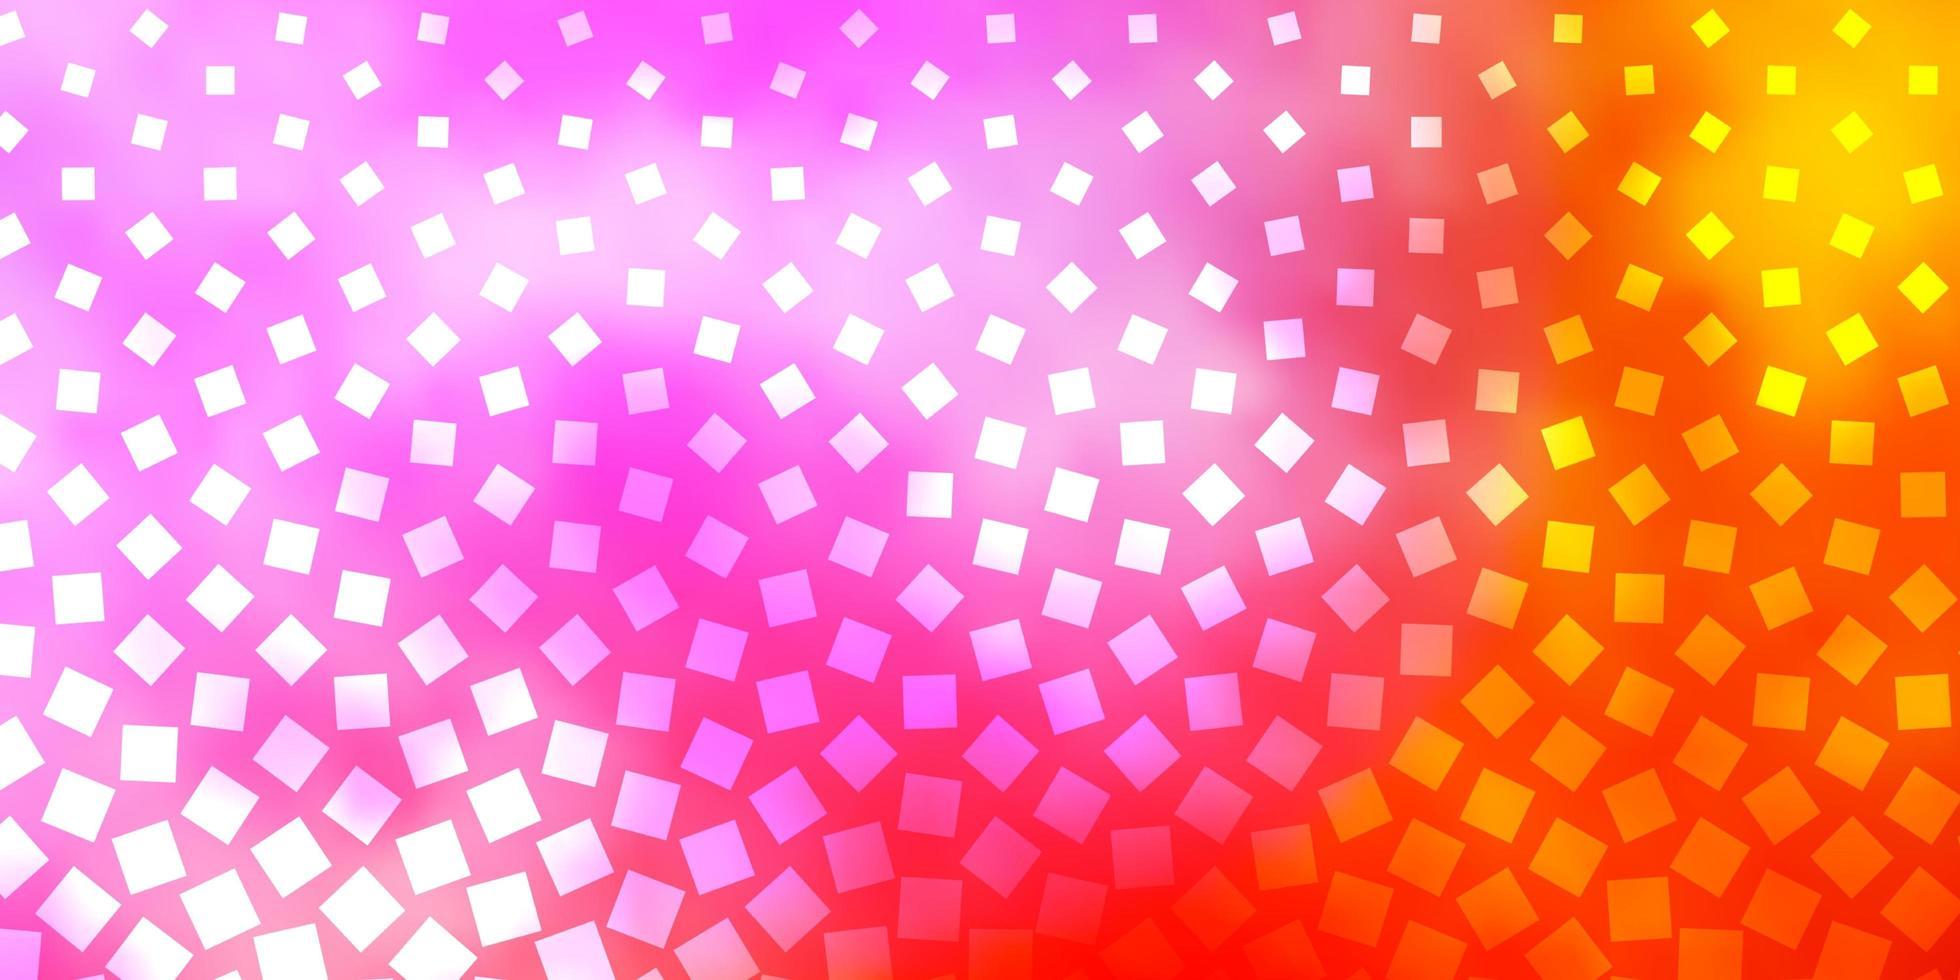 lichtroze, geel sjabloon in rechthoeken. vector